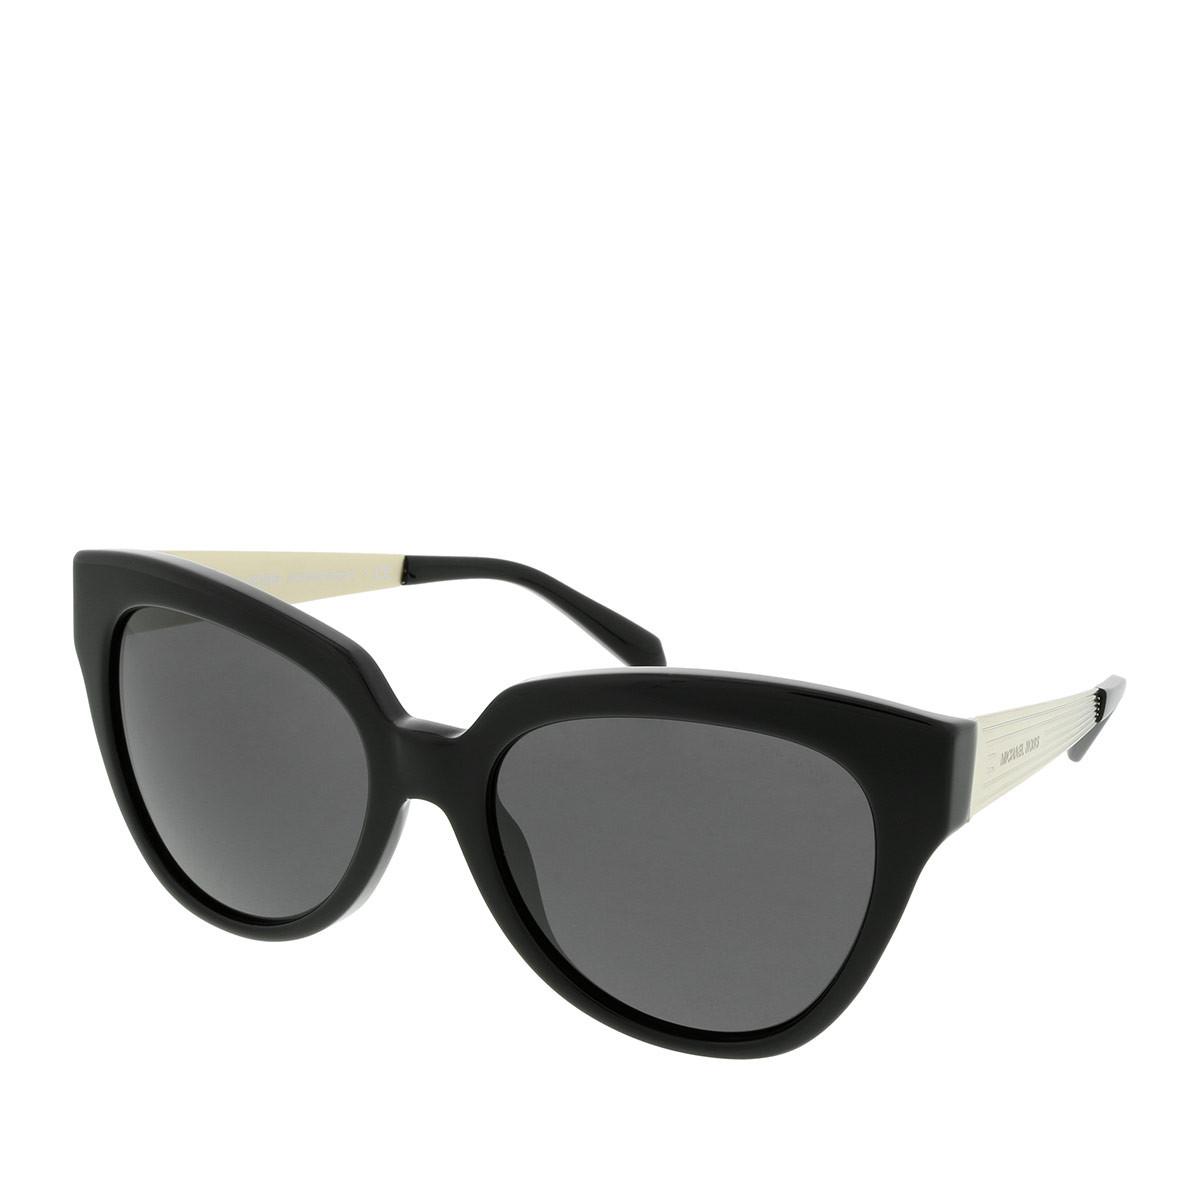 Michael Kors Sonnenbrille - MK 0MK2090 55 300587 - in schwarz - für Damen